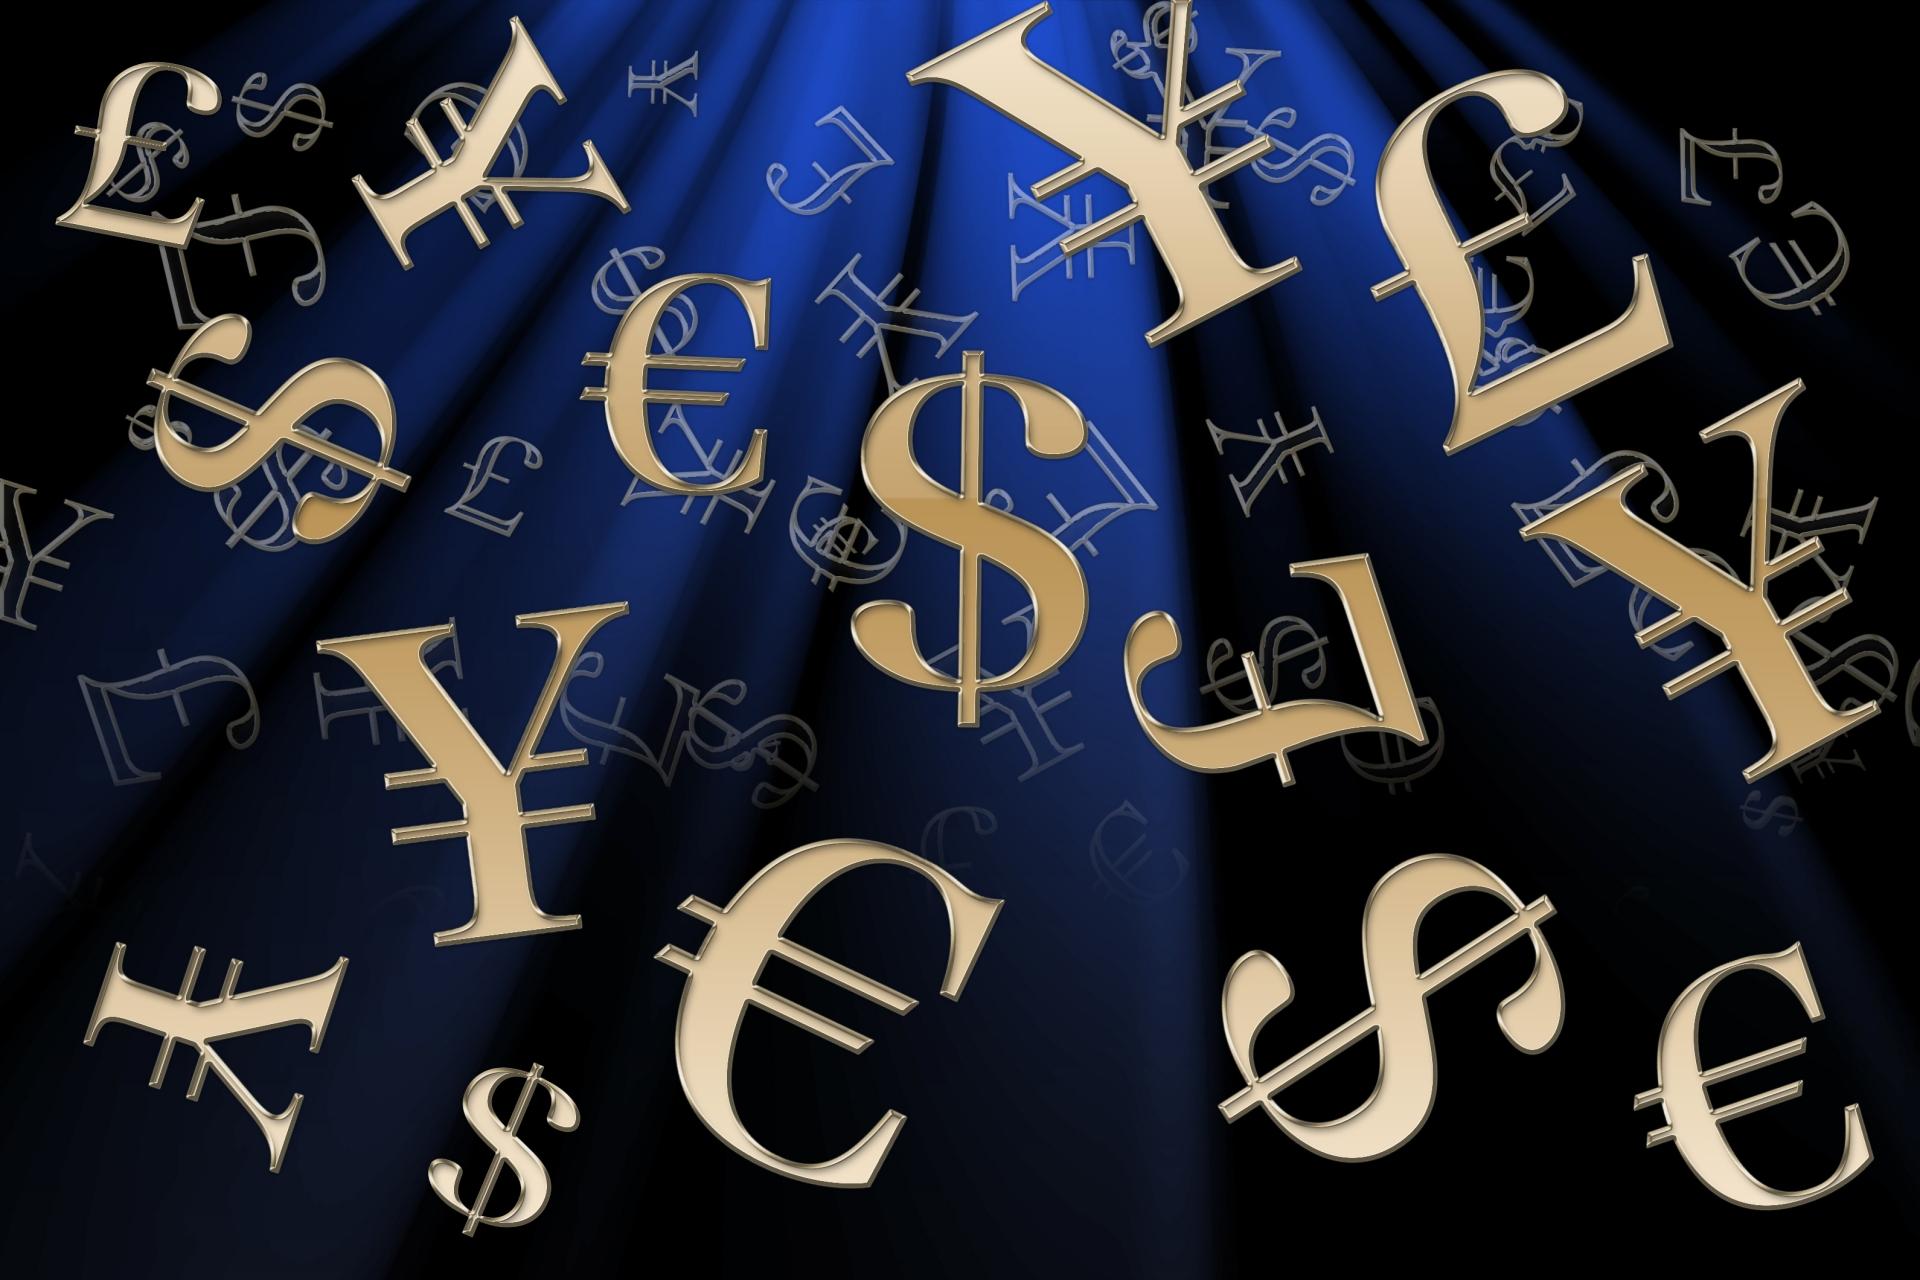 インフレに生命保険と国債は弱い?個人でできる対策と金利との関係は?